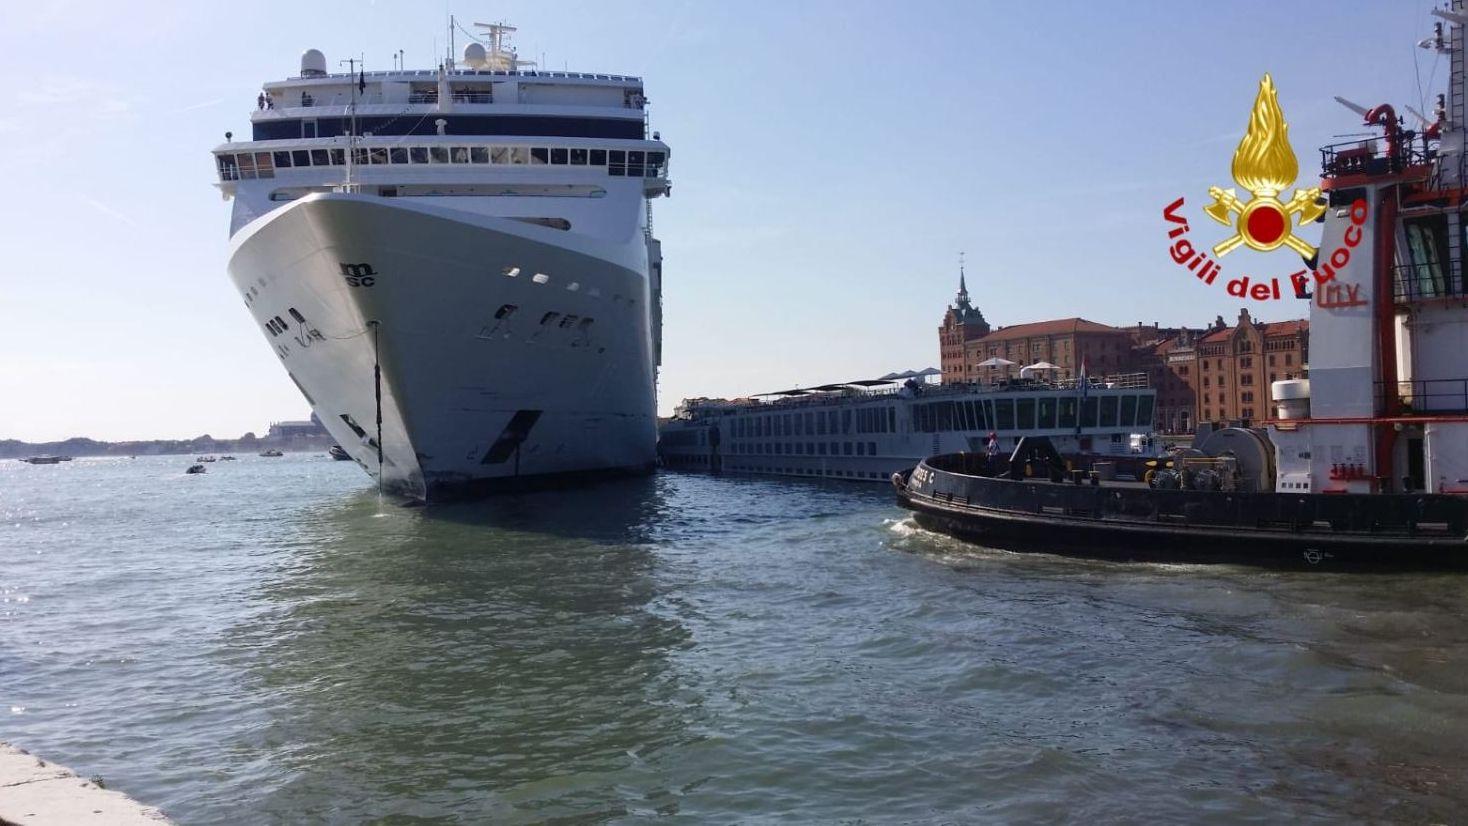 Das Kreuzfahrtschiff war auf die Anlegestelle zugefahren und rammte den Kai und ein anders Touristenboot